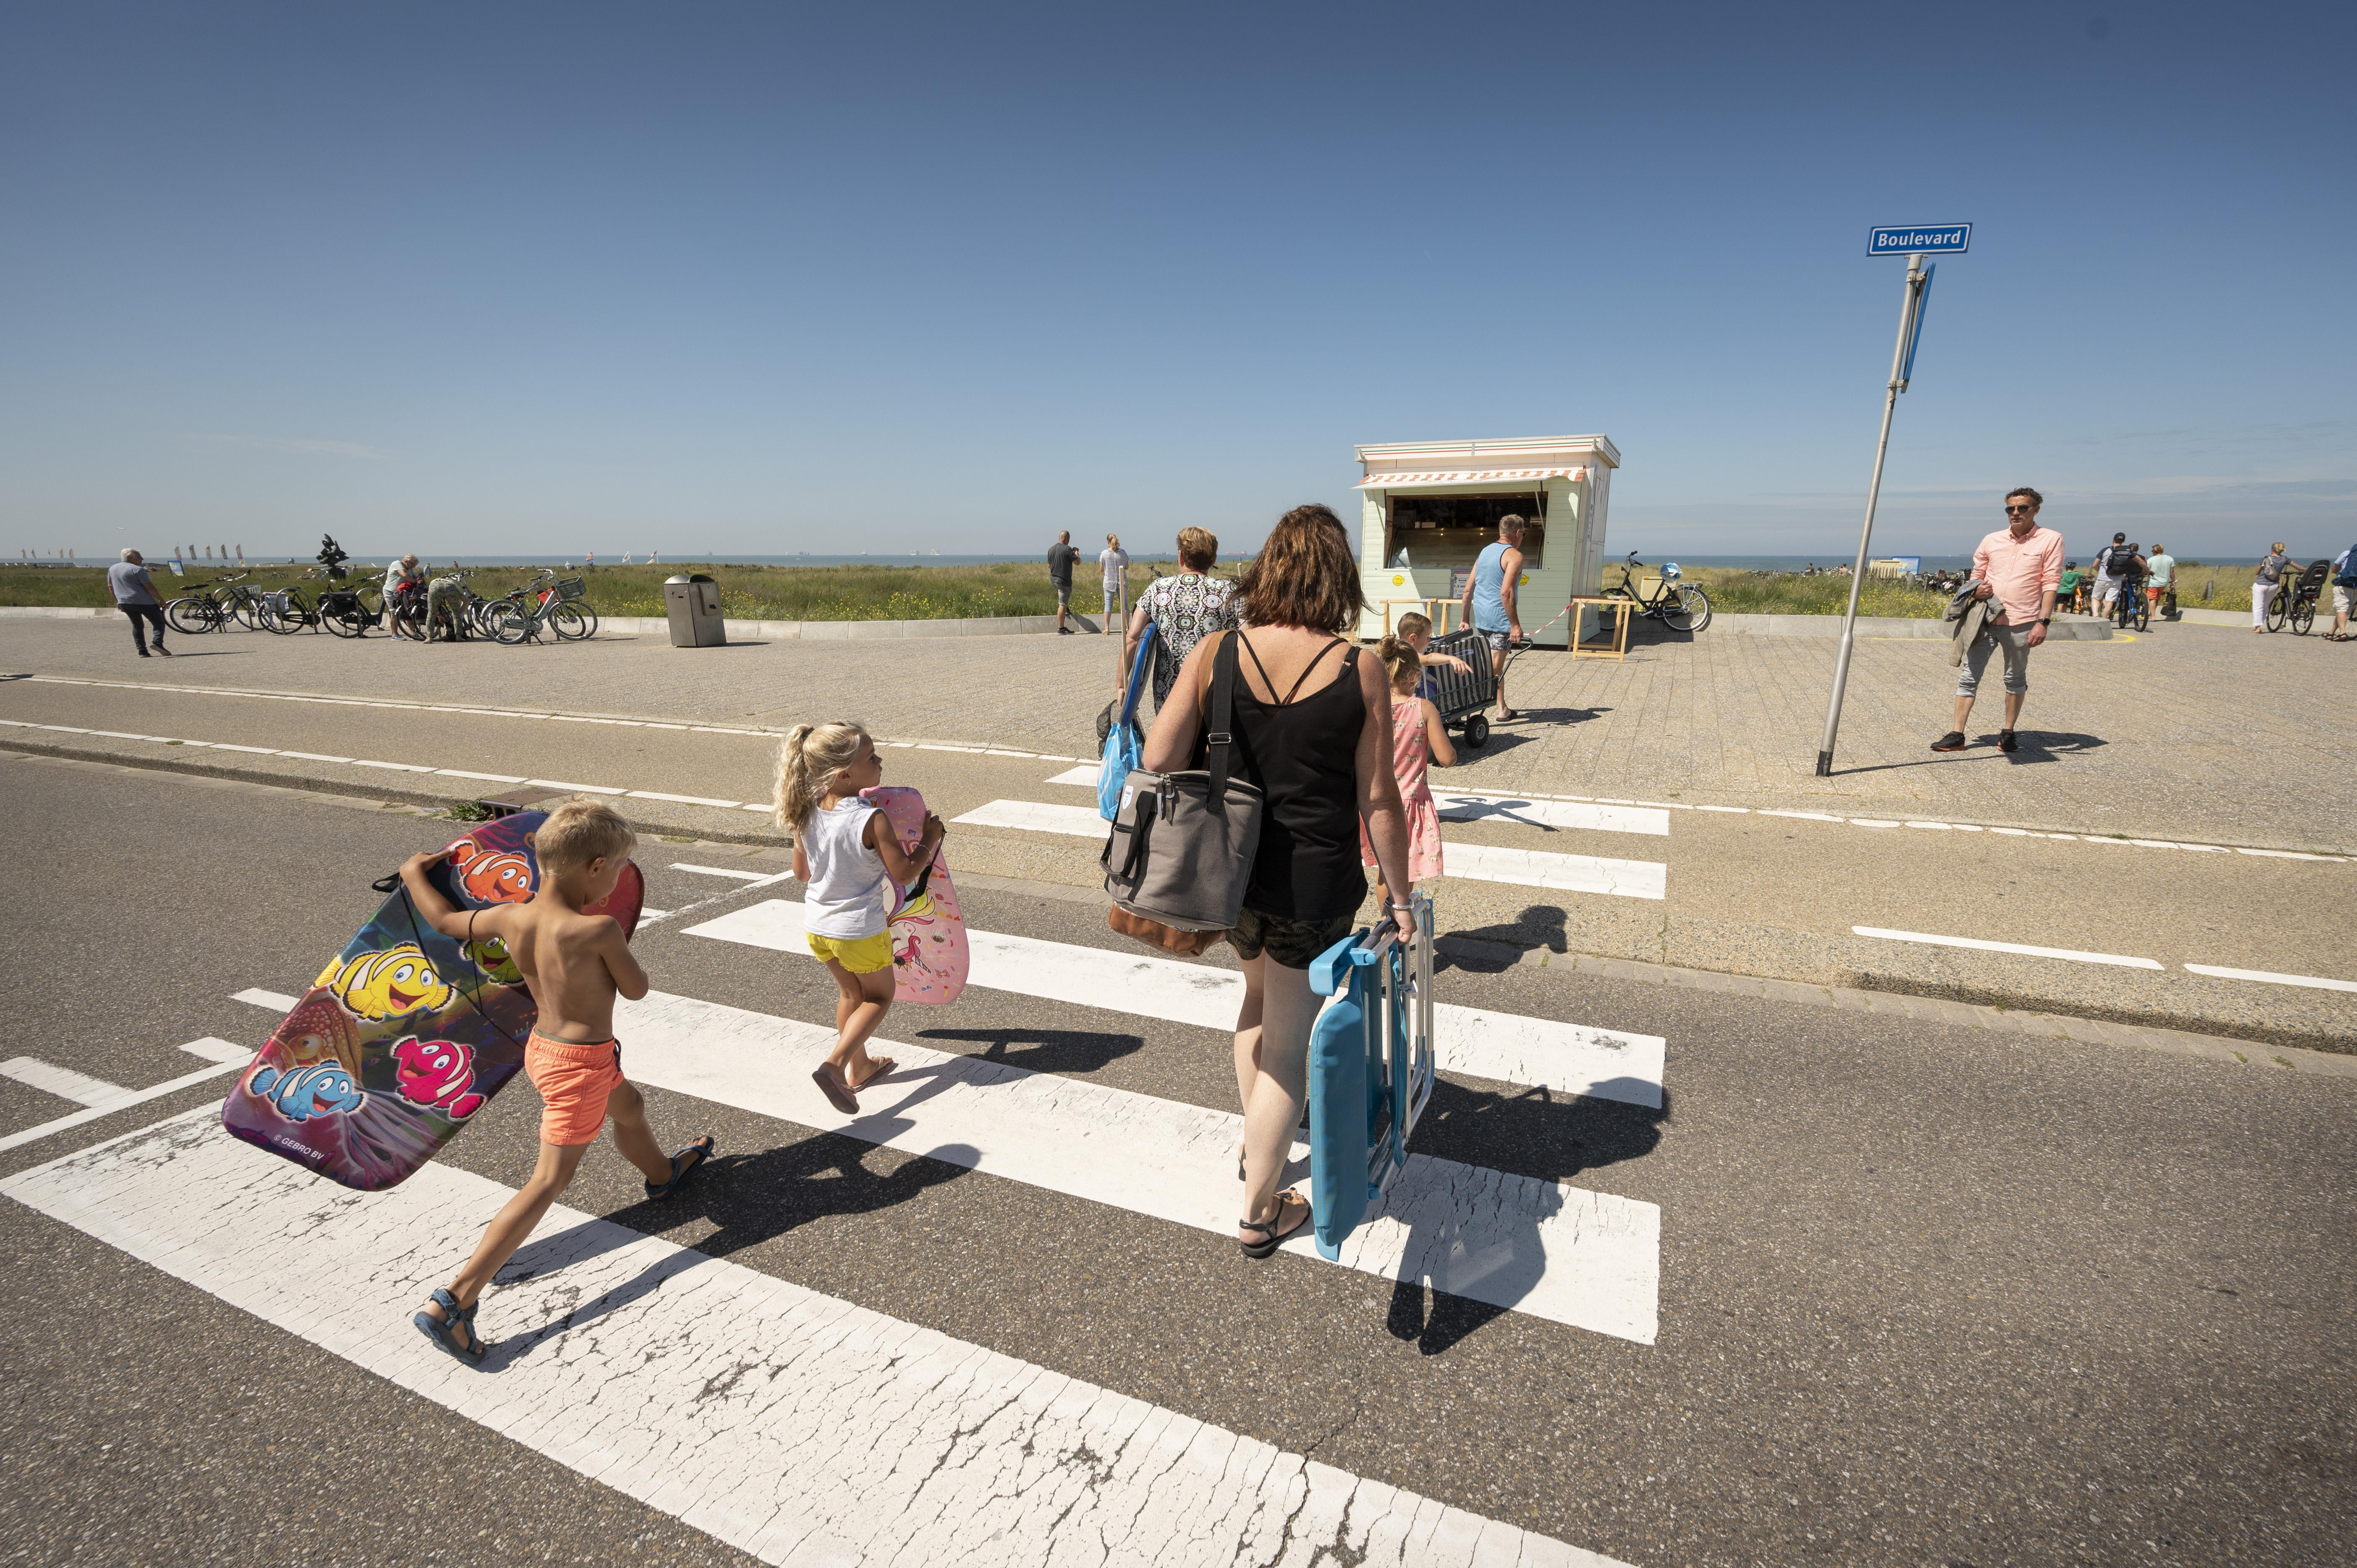 Aantal ongelukken op Katwijkse Boulevard drastisch afgenomen door schuin afzagen 'randje'